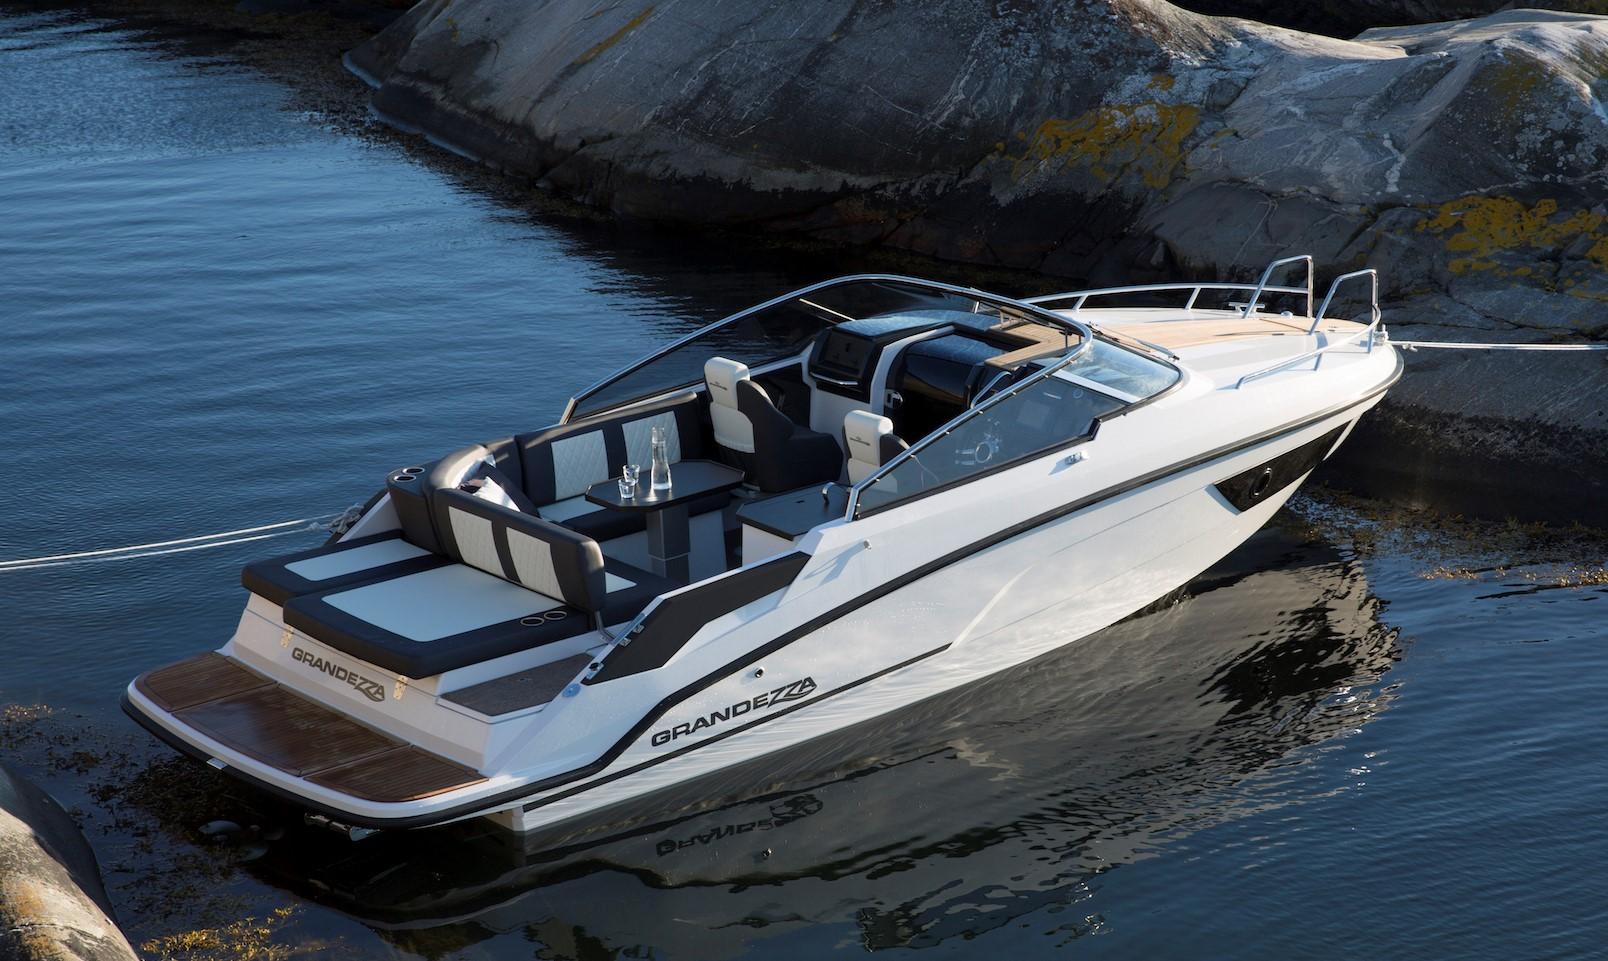 Finn-Marin i Finland bygger i en høj kvalitet med flot finish, Grandezza bådene er deres top linie med både fra 25 – 40 fod bygget til nordiske forhold, siger Baadhuset. PR-foto